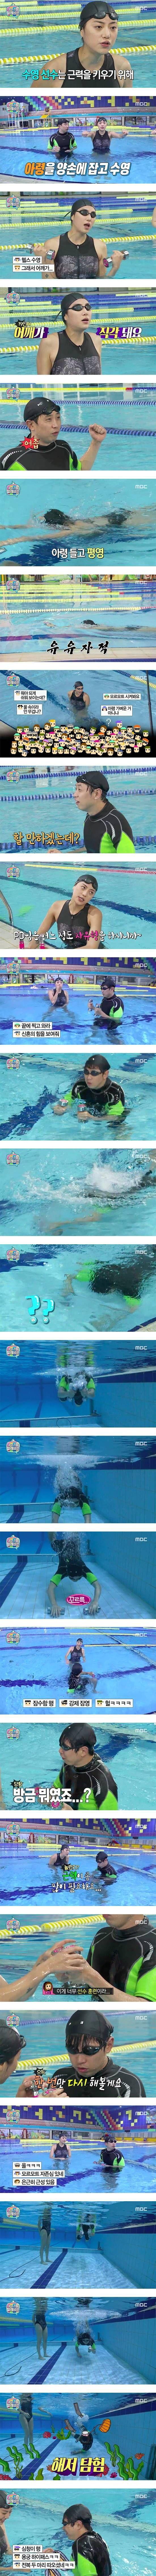 아령들고 수영하기!!!!